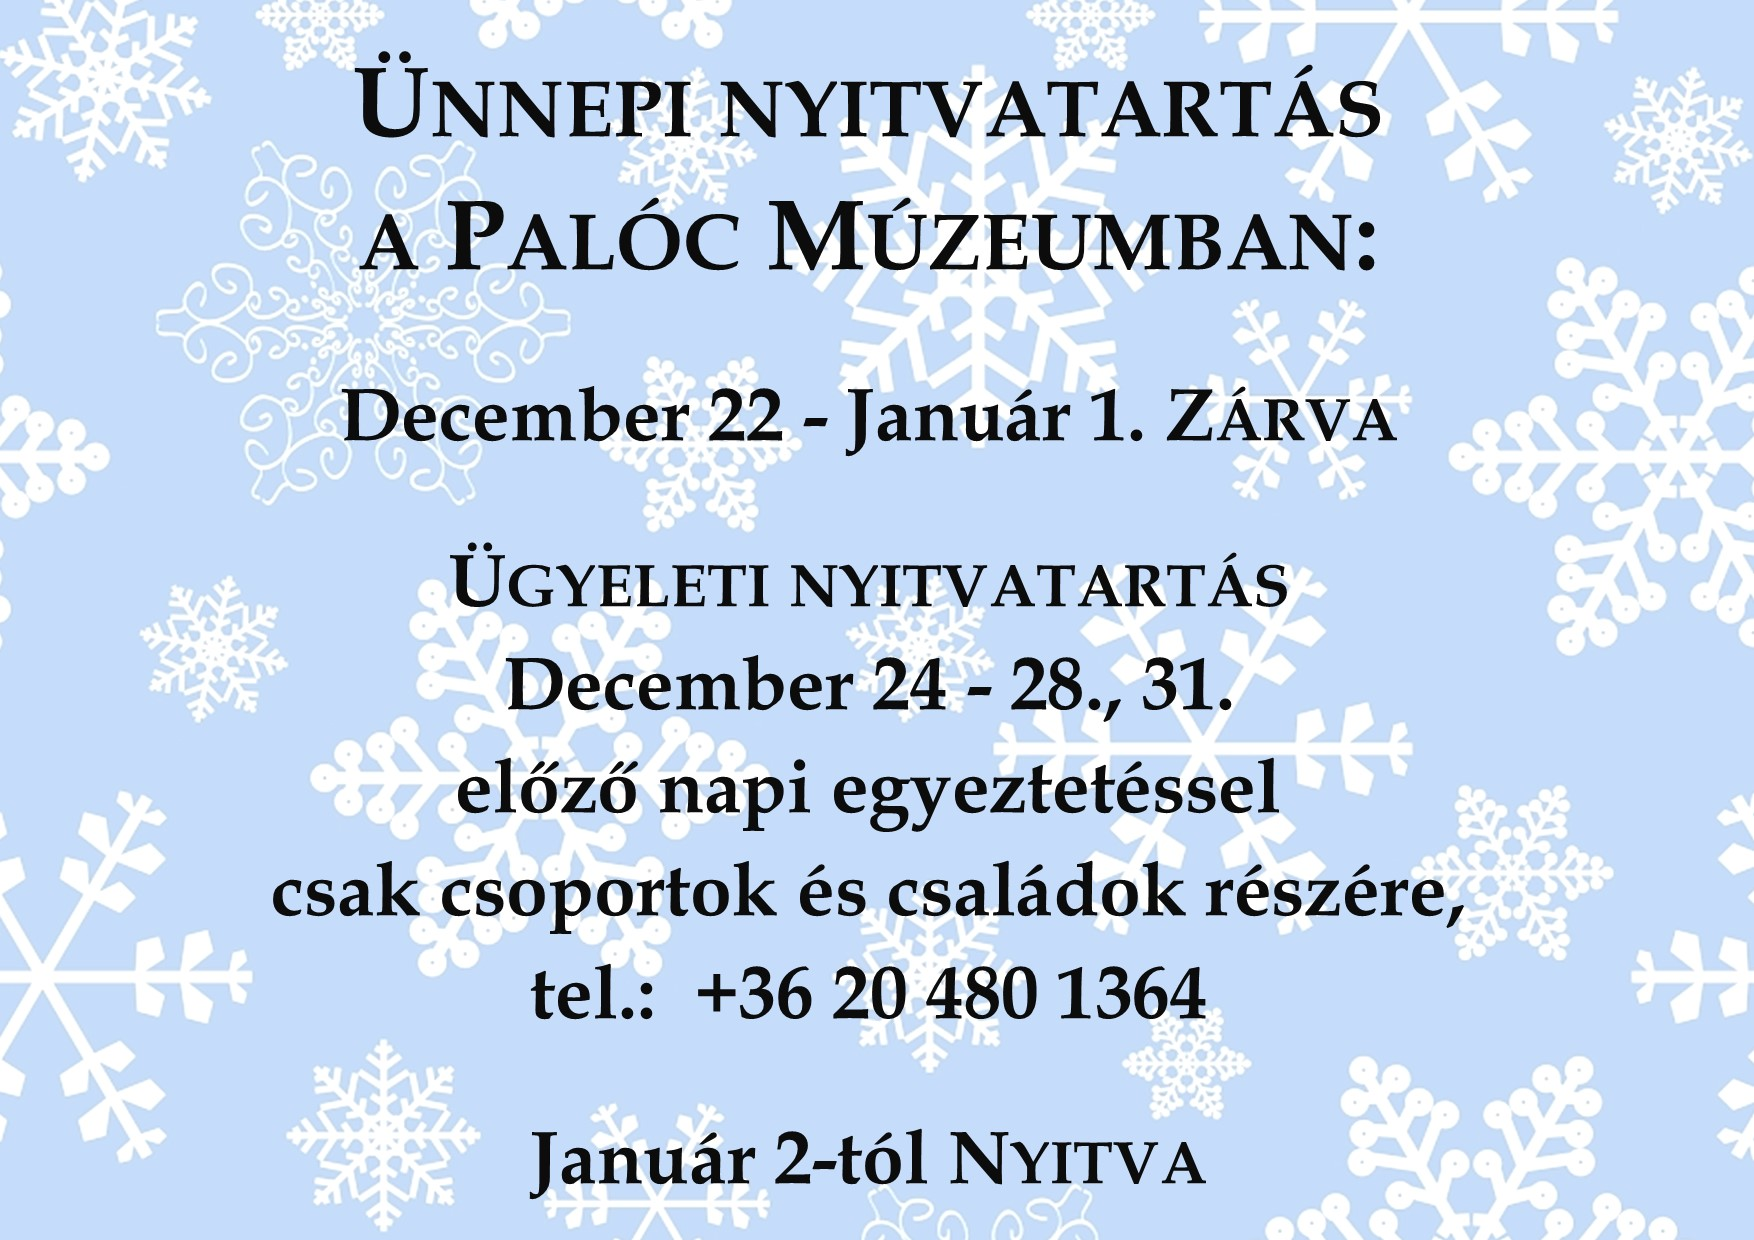 karácsonyi ünnepi nyitva tartás 2019